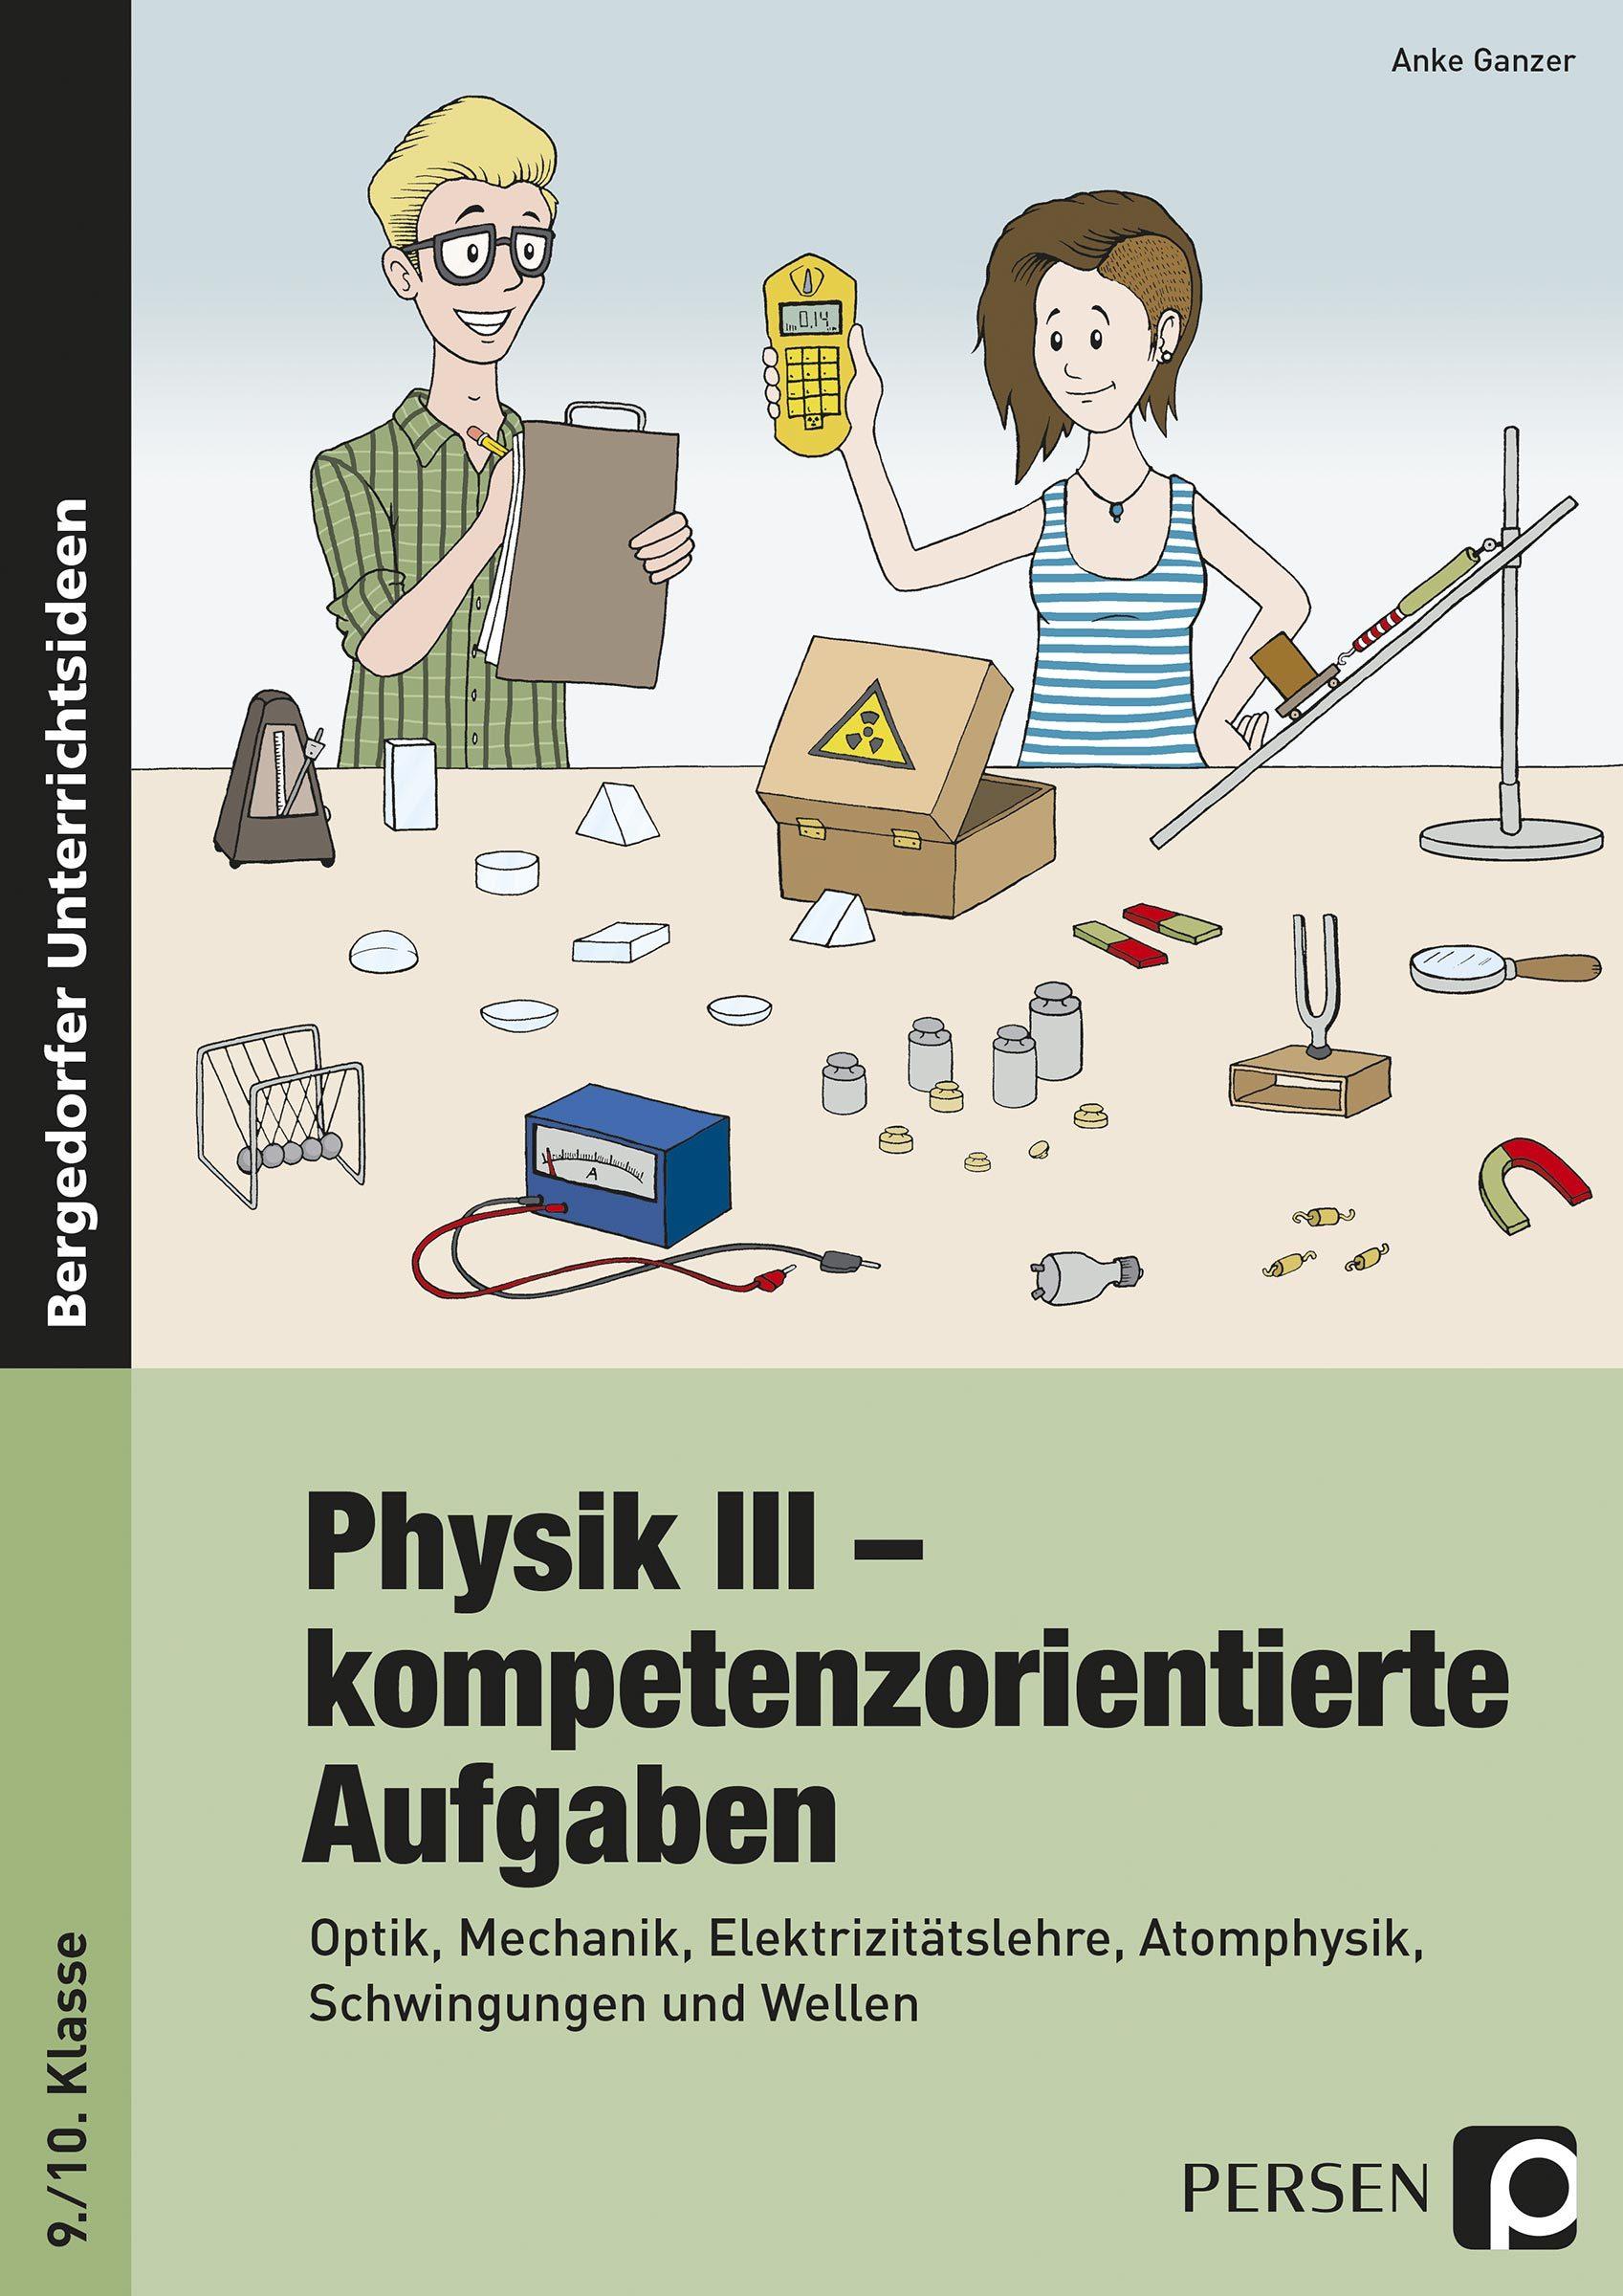 Physik III - kompetenzorientierte Aufgaben, Buch, 9.-10. Klasse von ...